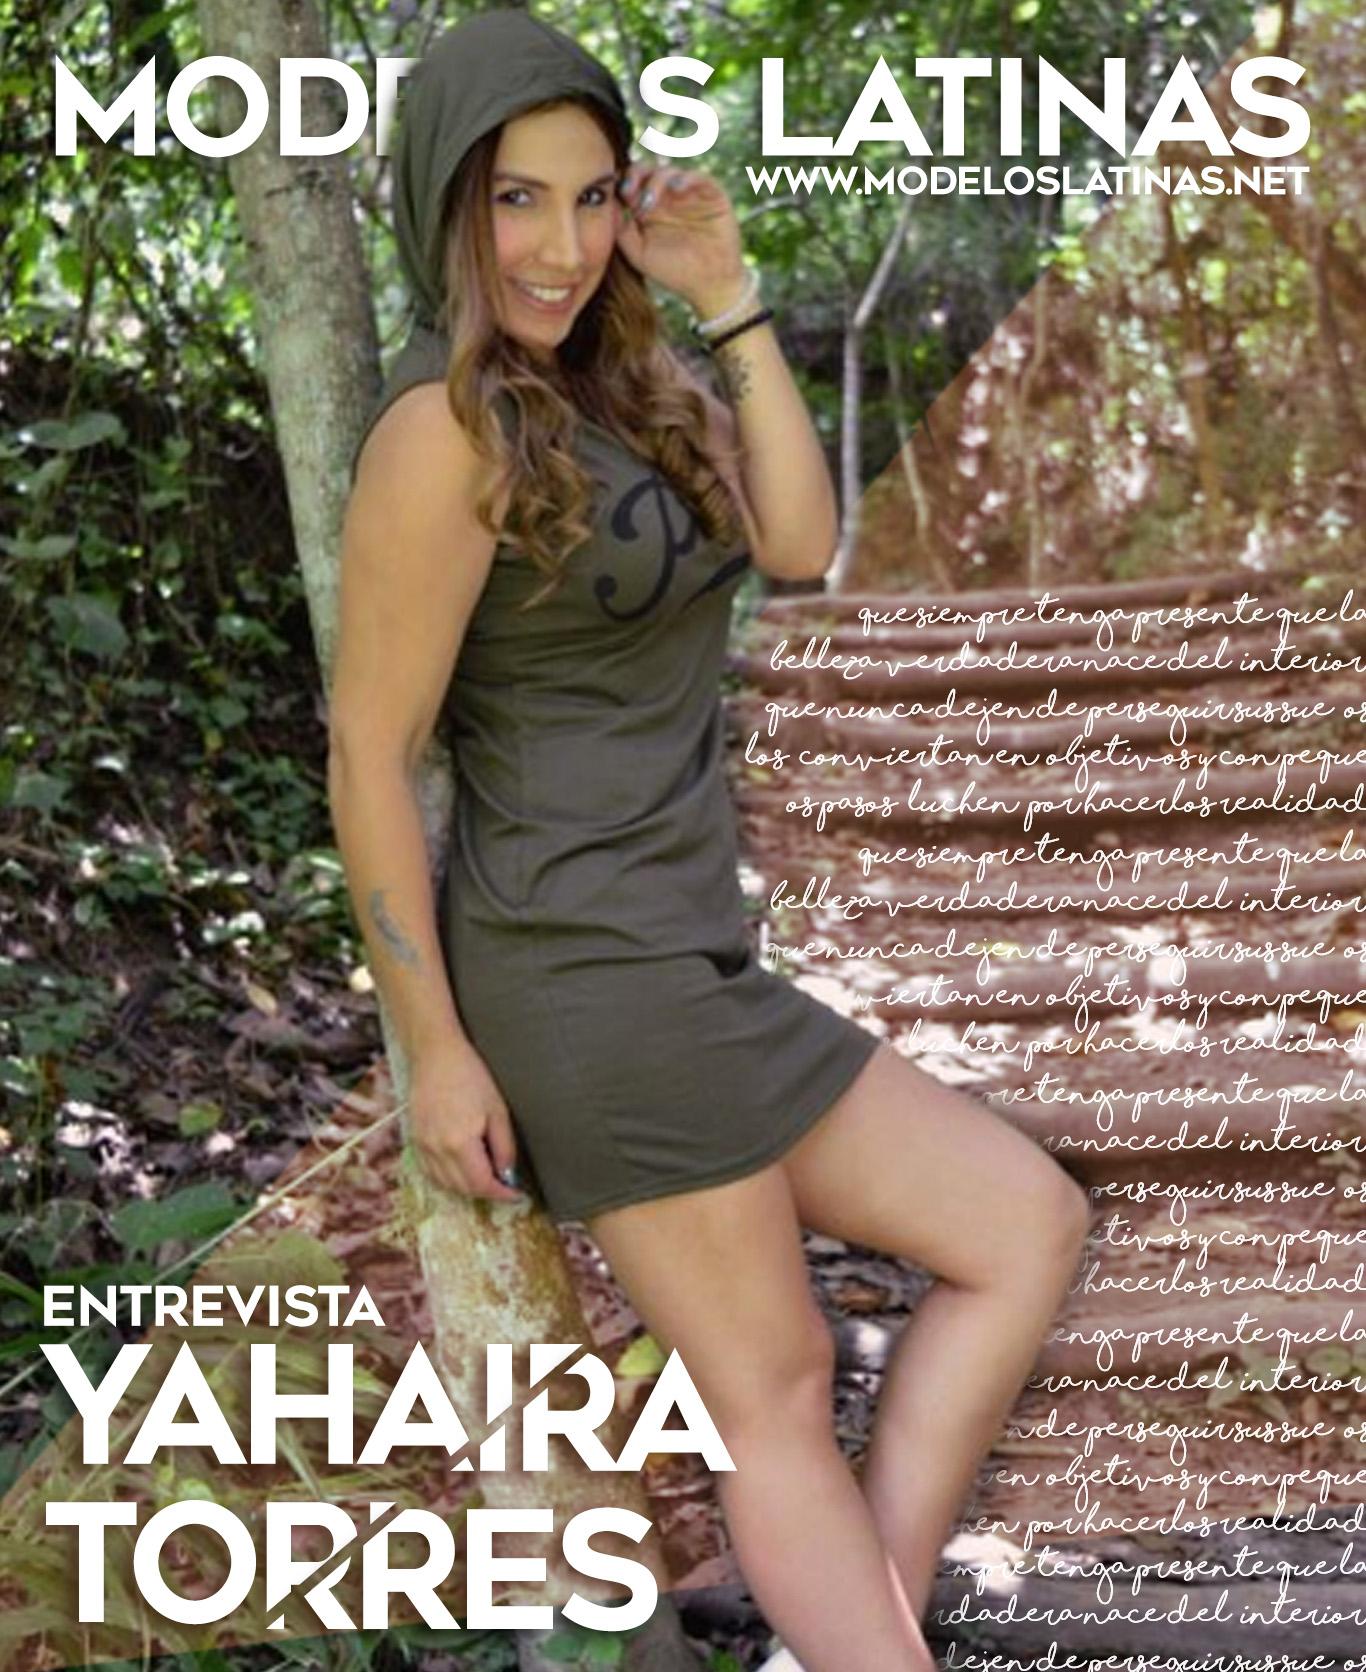 Yahaira Torres